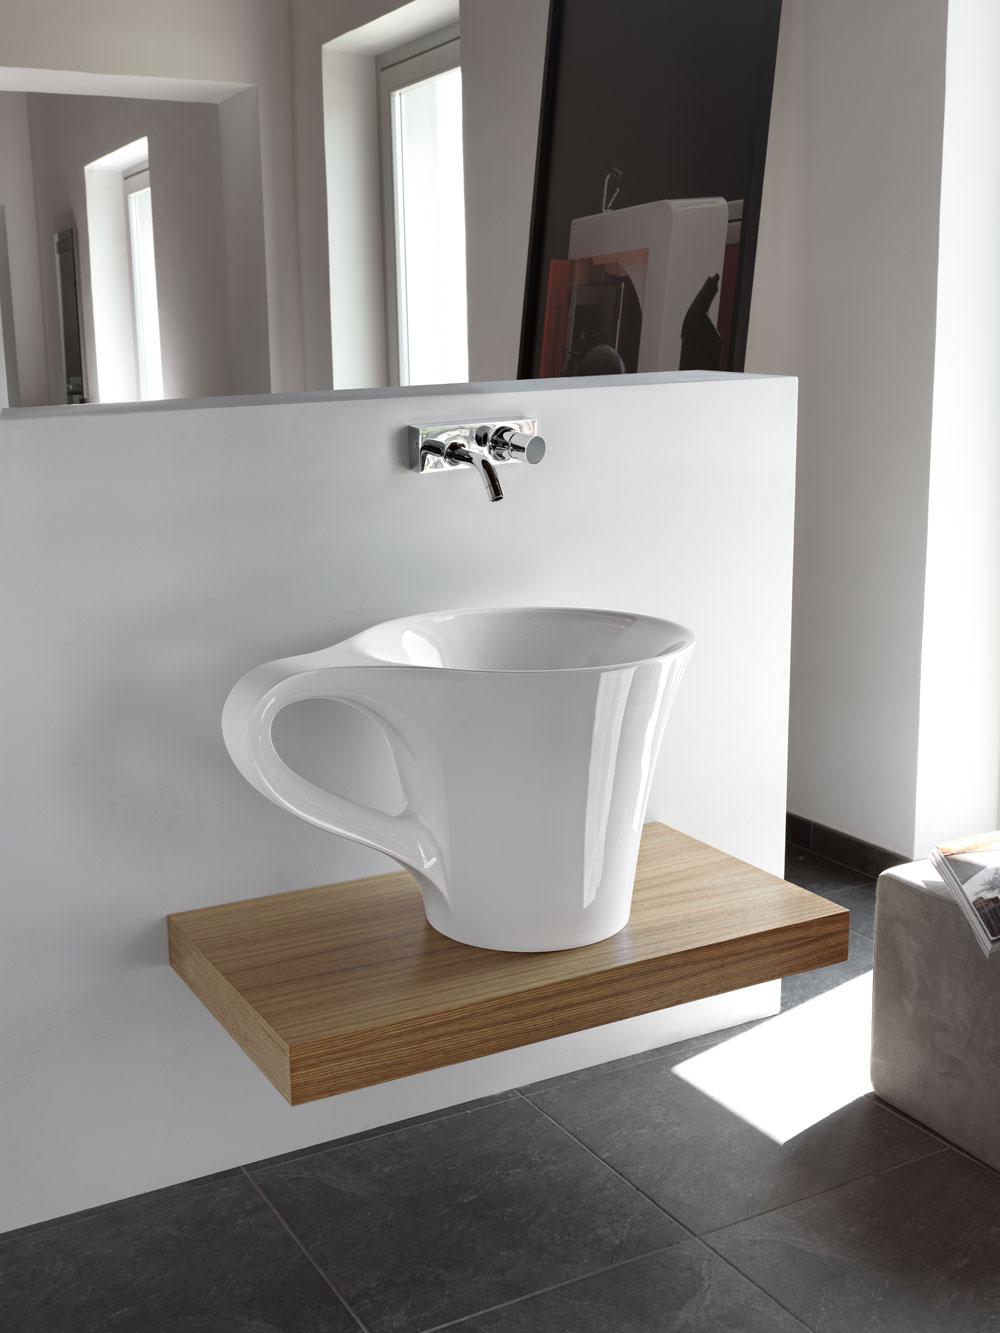 Umývadlo na plochu Cup zumelého mramoru Livingtec od firmy the.artceram. Rozmery: 70 × 50 × 42,5 cm. Cena 2 400 €. Predáva PolySystem.